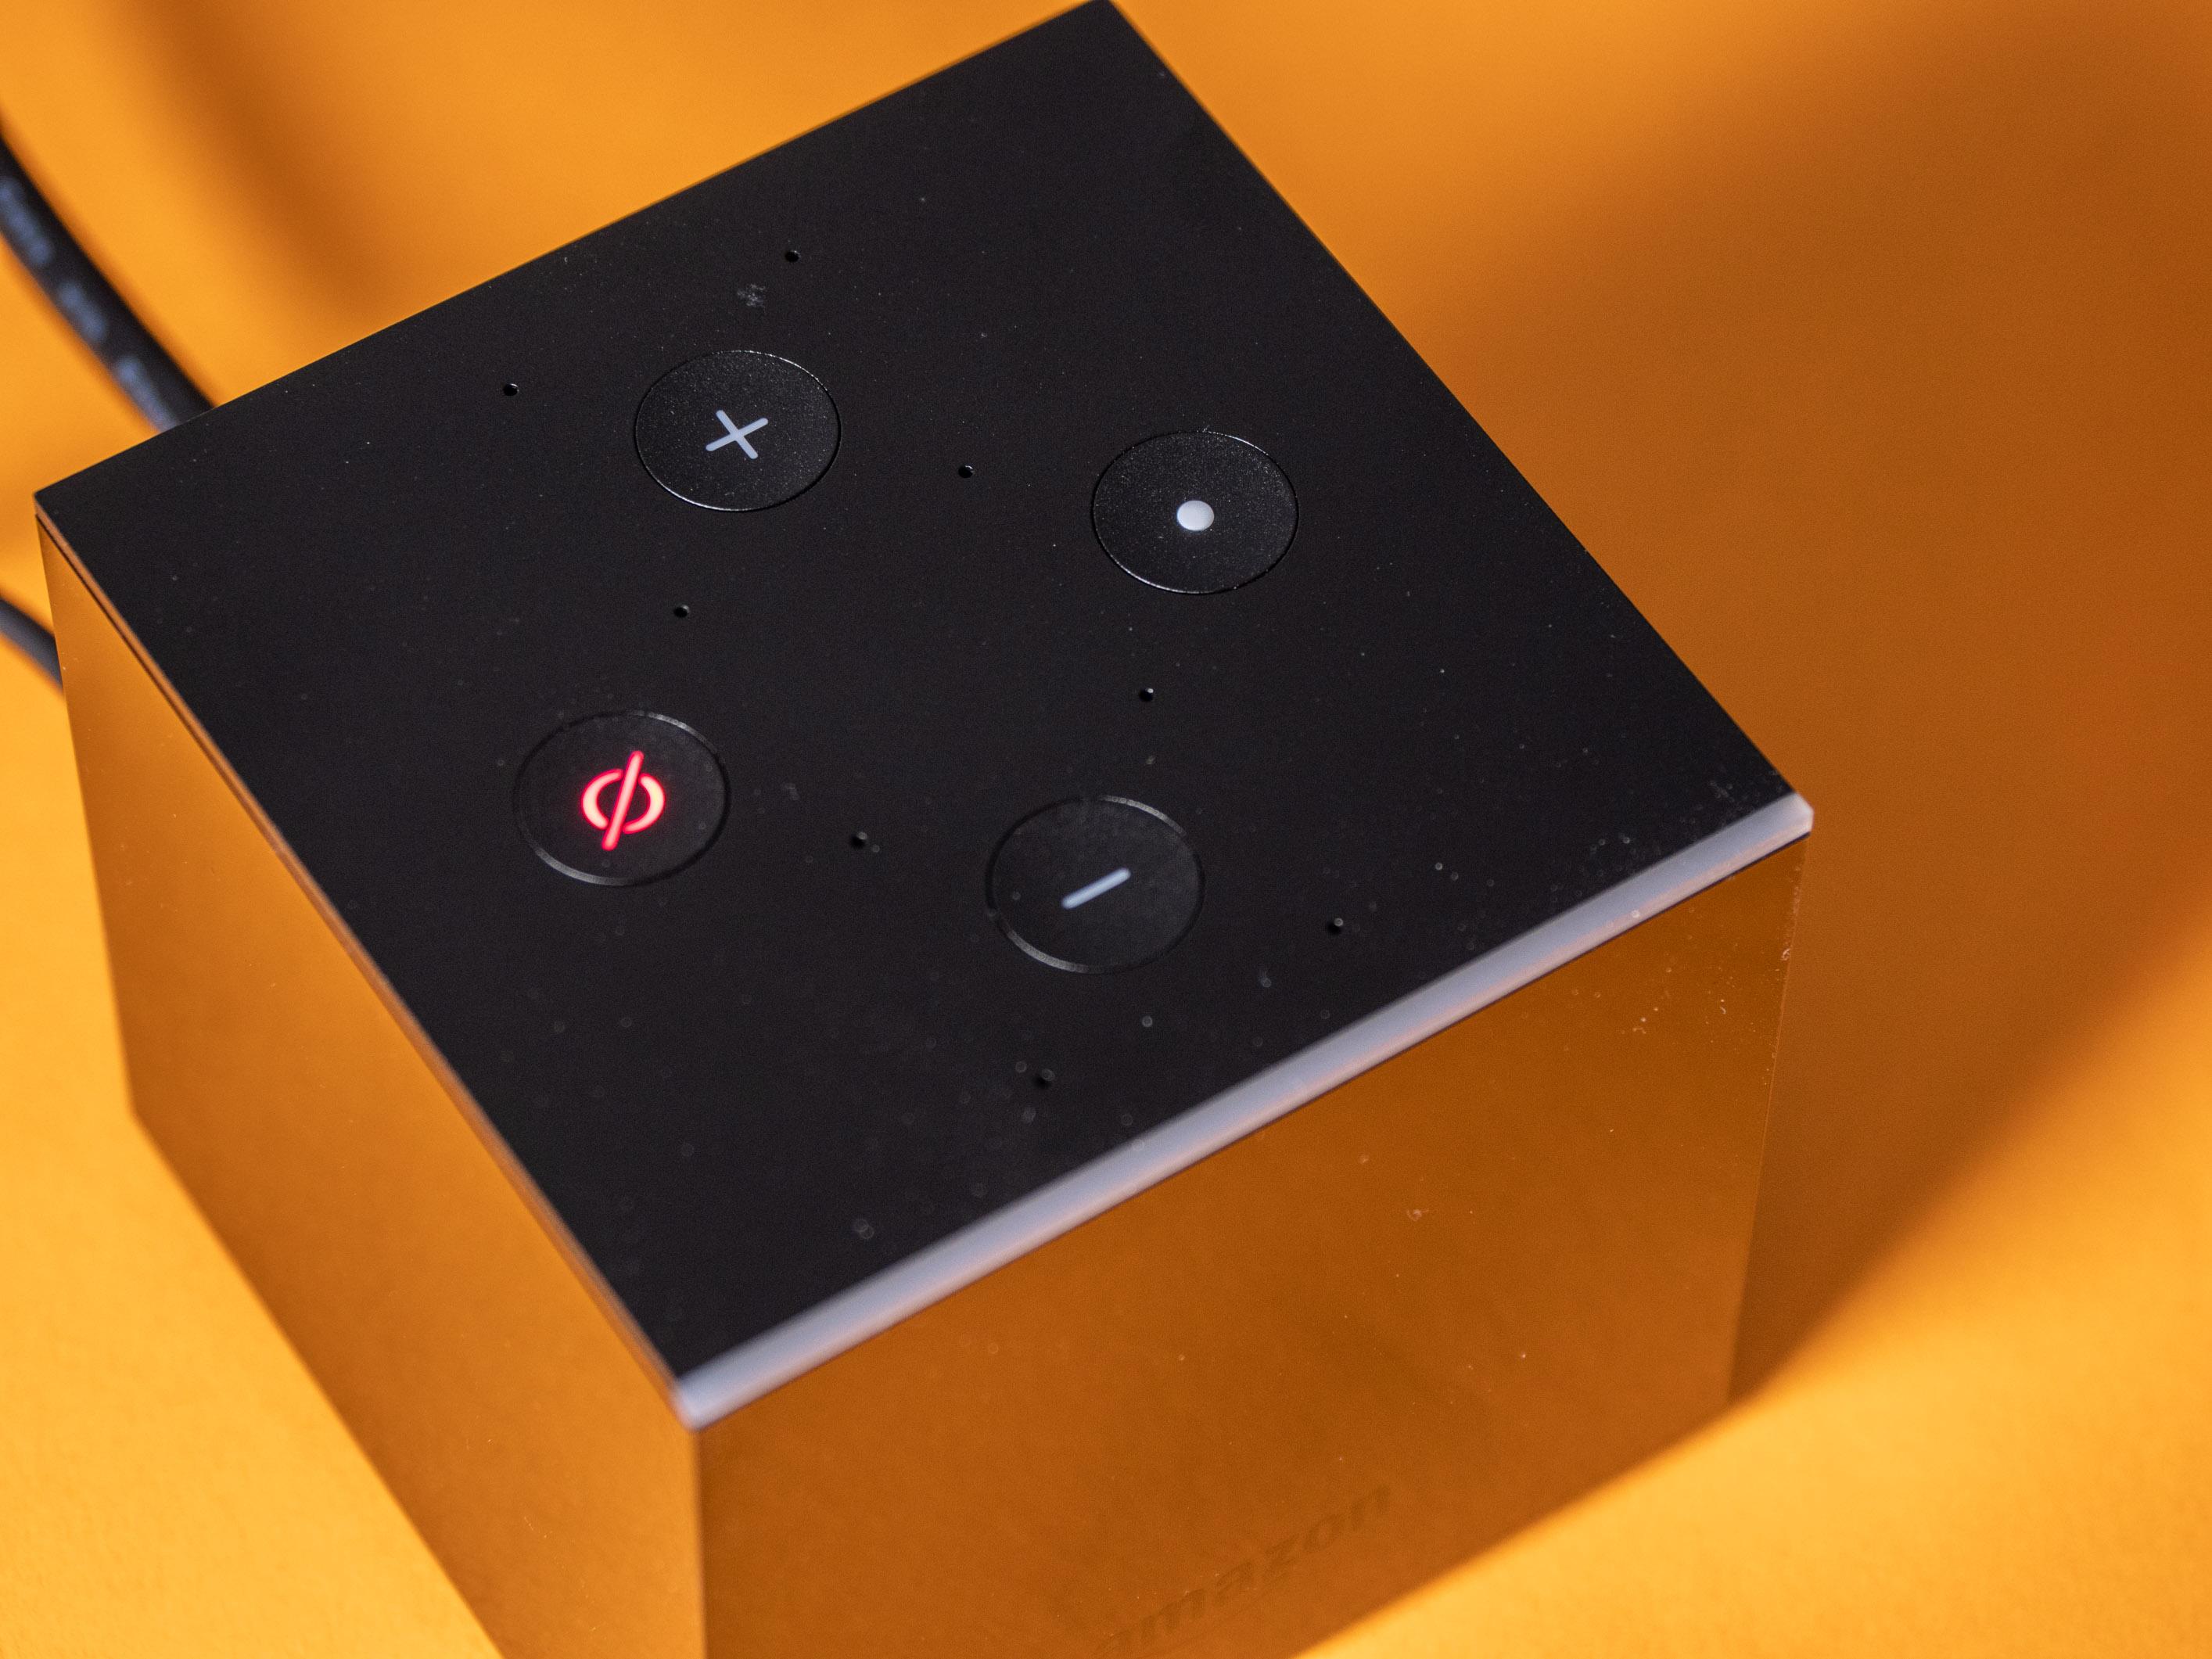 Fire TV Cube im Praxistest: Das beste Fire TV mit fast perfekter Alexa-Sprachsteuerung - Sind die eingebauten Mikrofone taubgestellt, signalisieren das nur die LED im Button. (Bild: Martin Wolf/Golem.de)